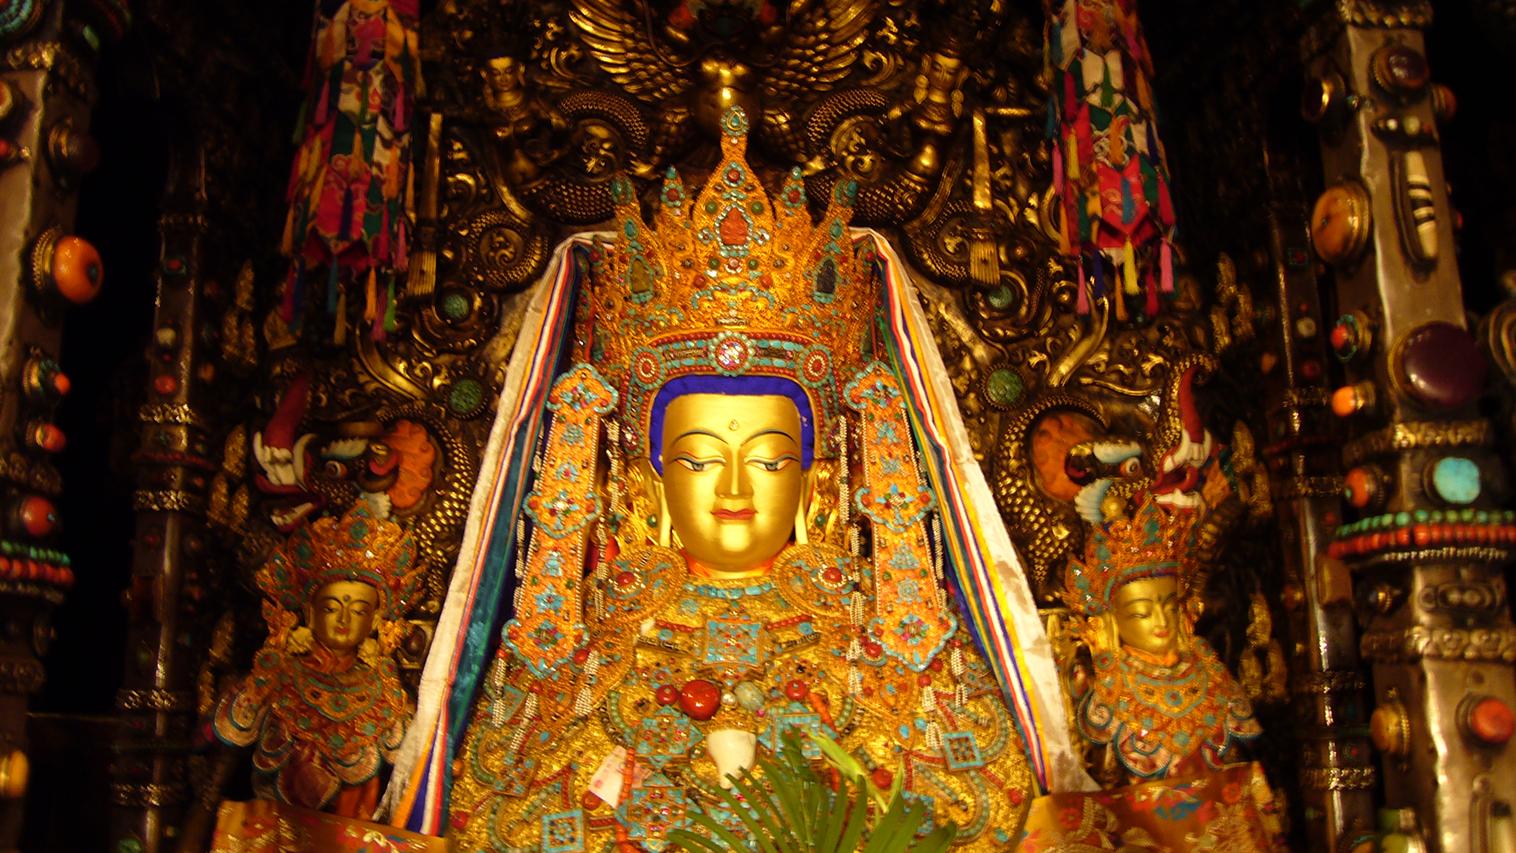 供奉於拉薩大昭寺主殿的覺沃佛像,佛祖釋迦牟尼等身像,至爲神聖。2007年2月藏曆新年拍攝。(唯色攝影)